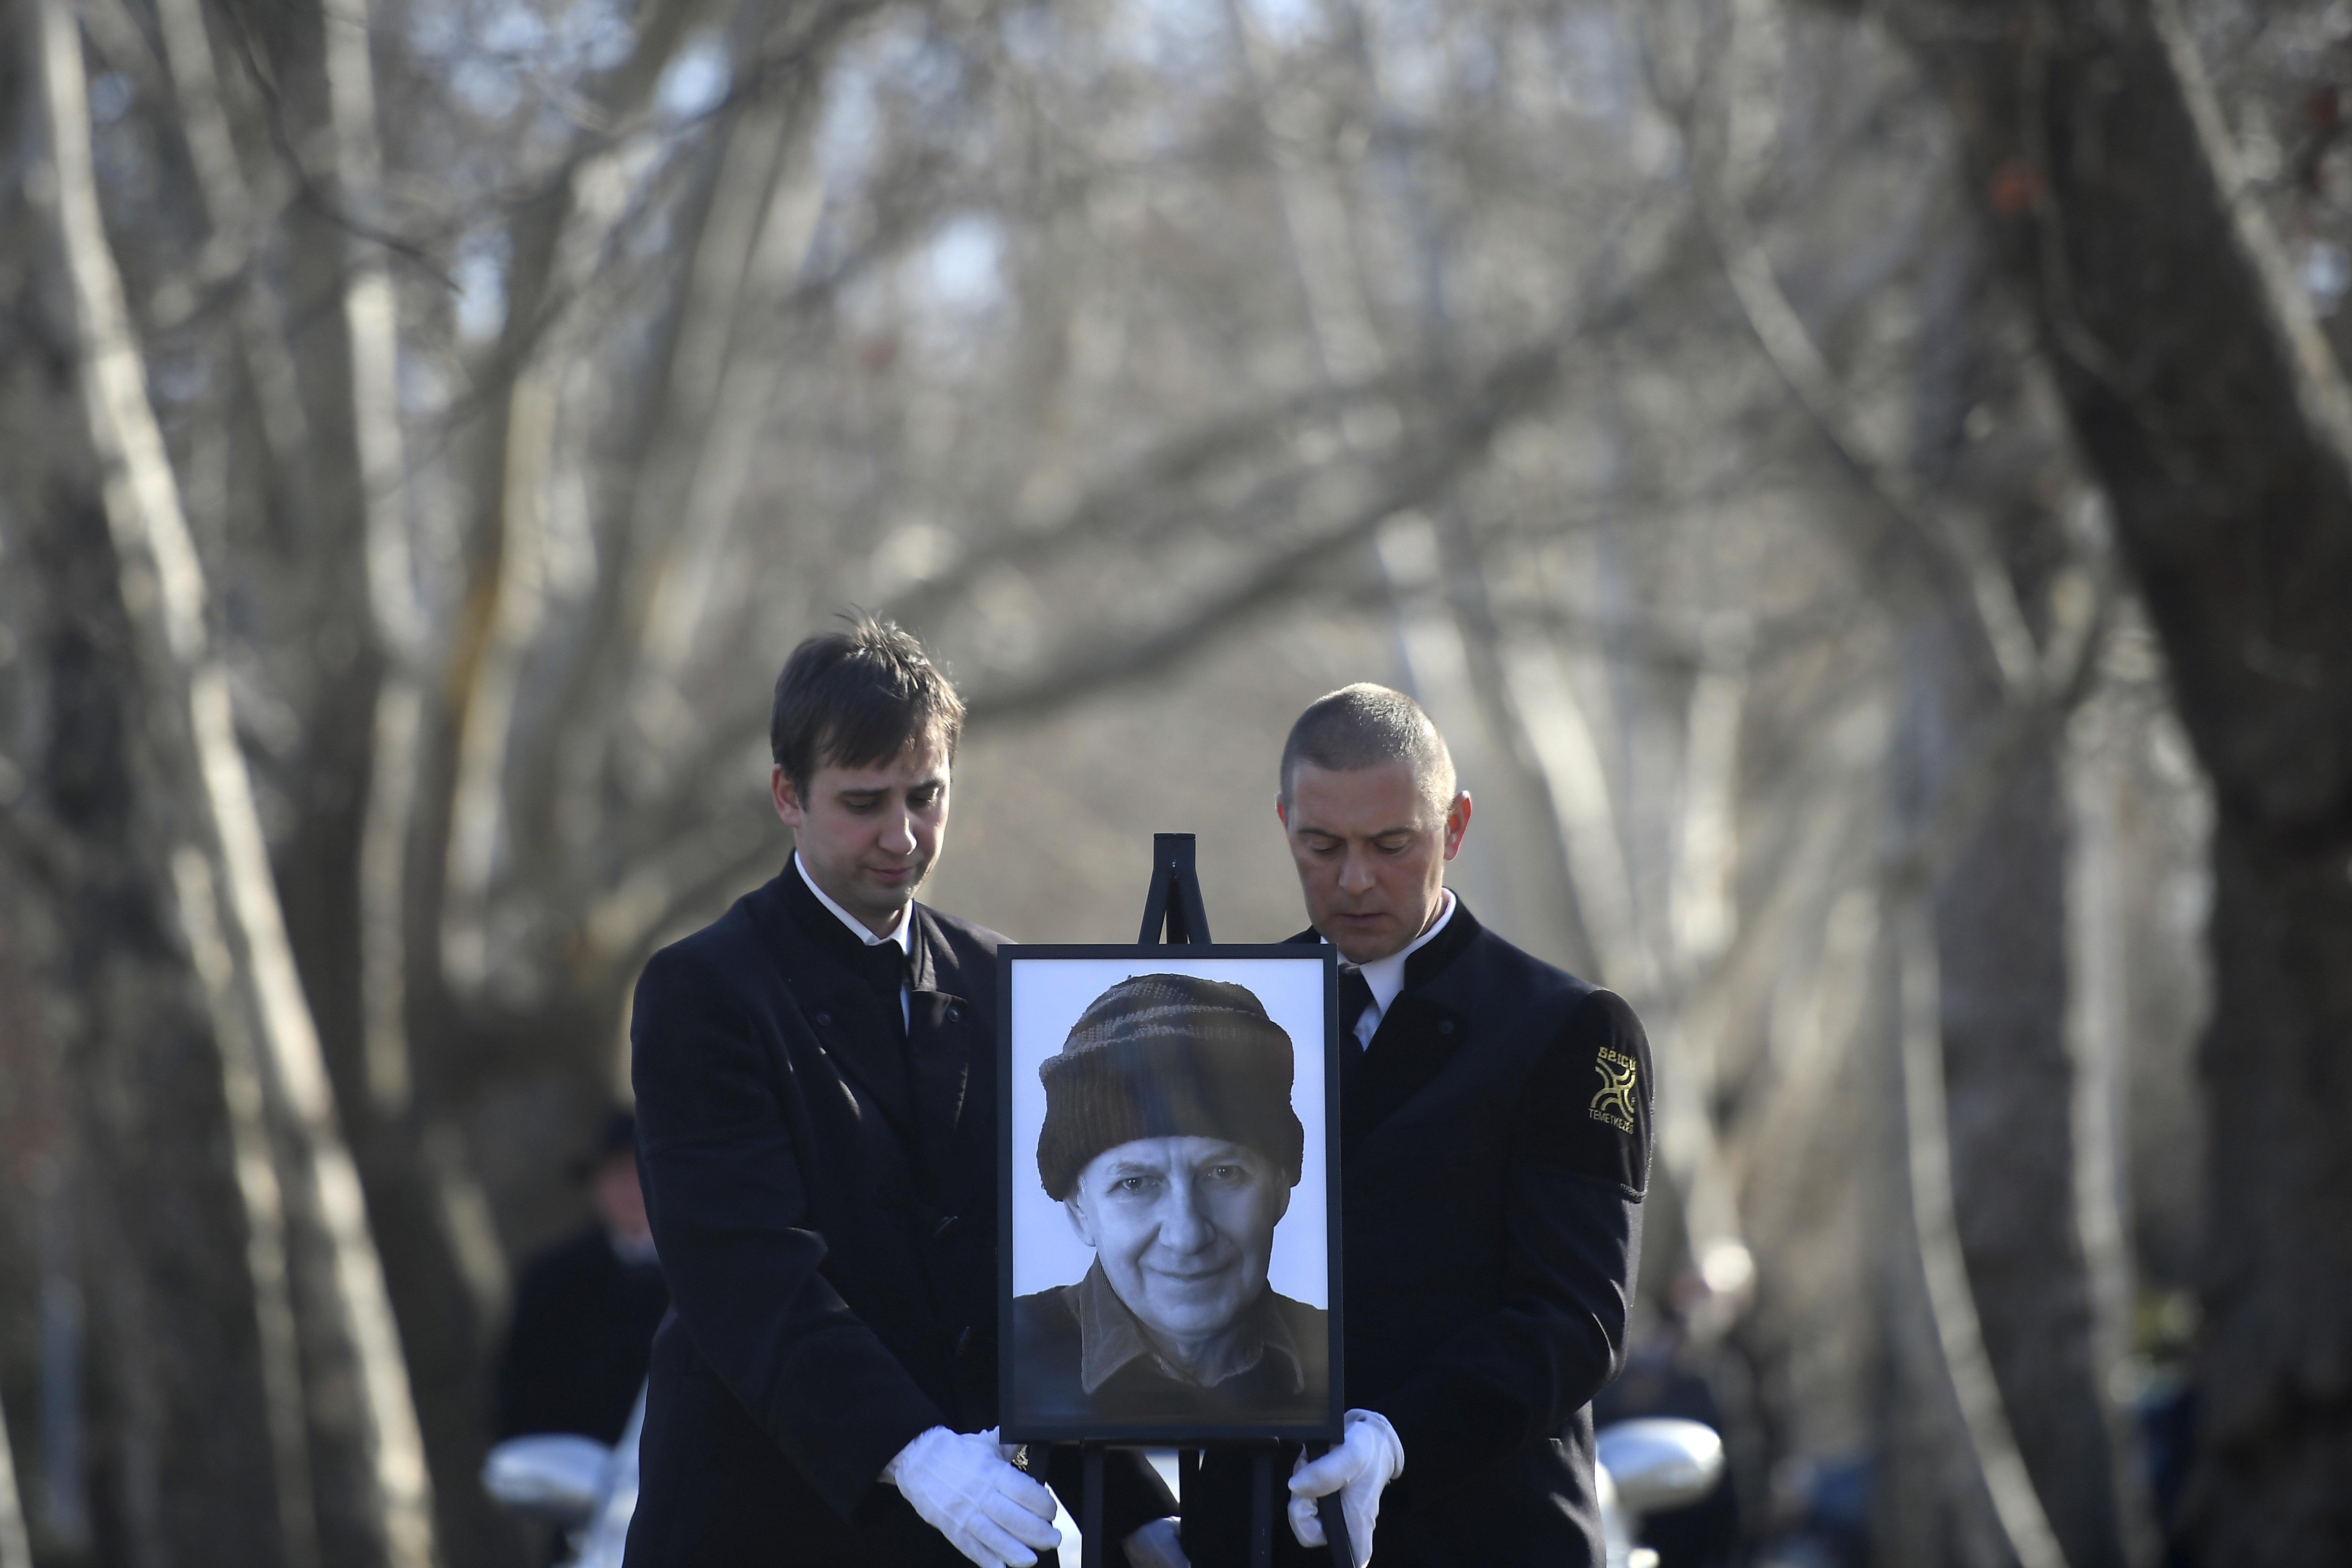 Madárcsicsergés szólt, amíg a földet szórták Tandori Dezső sírjára